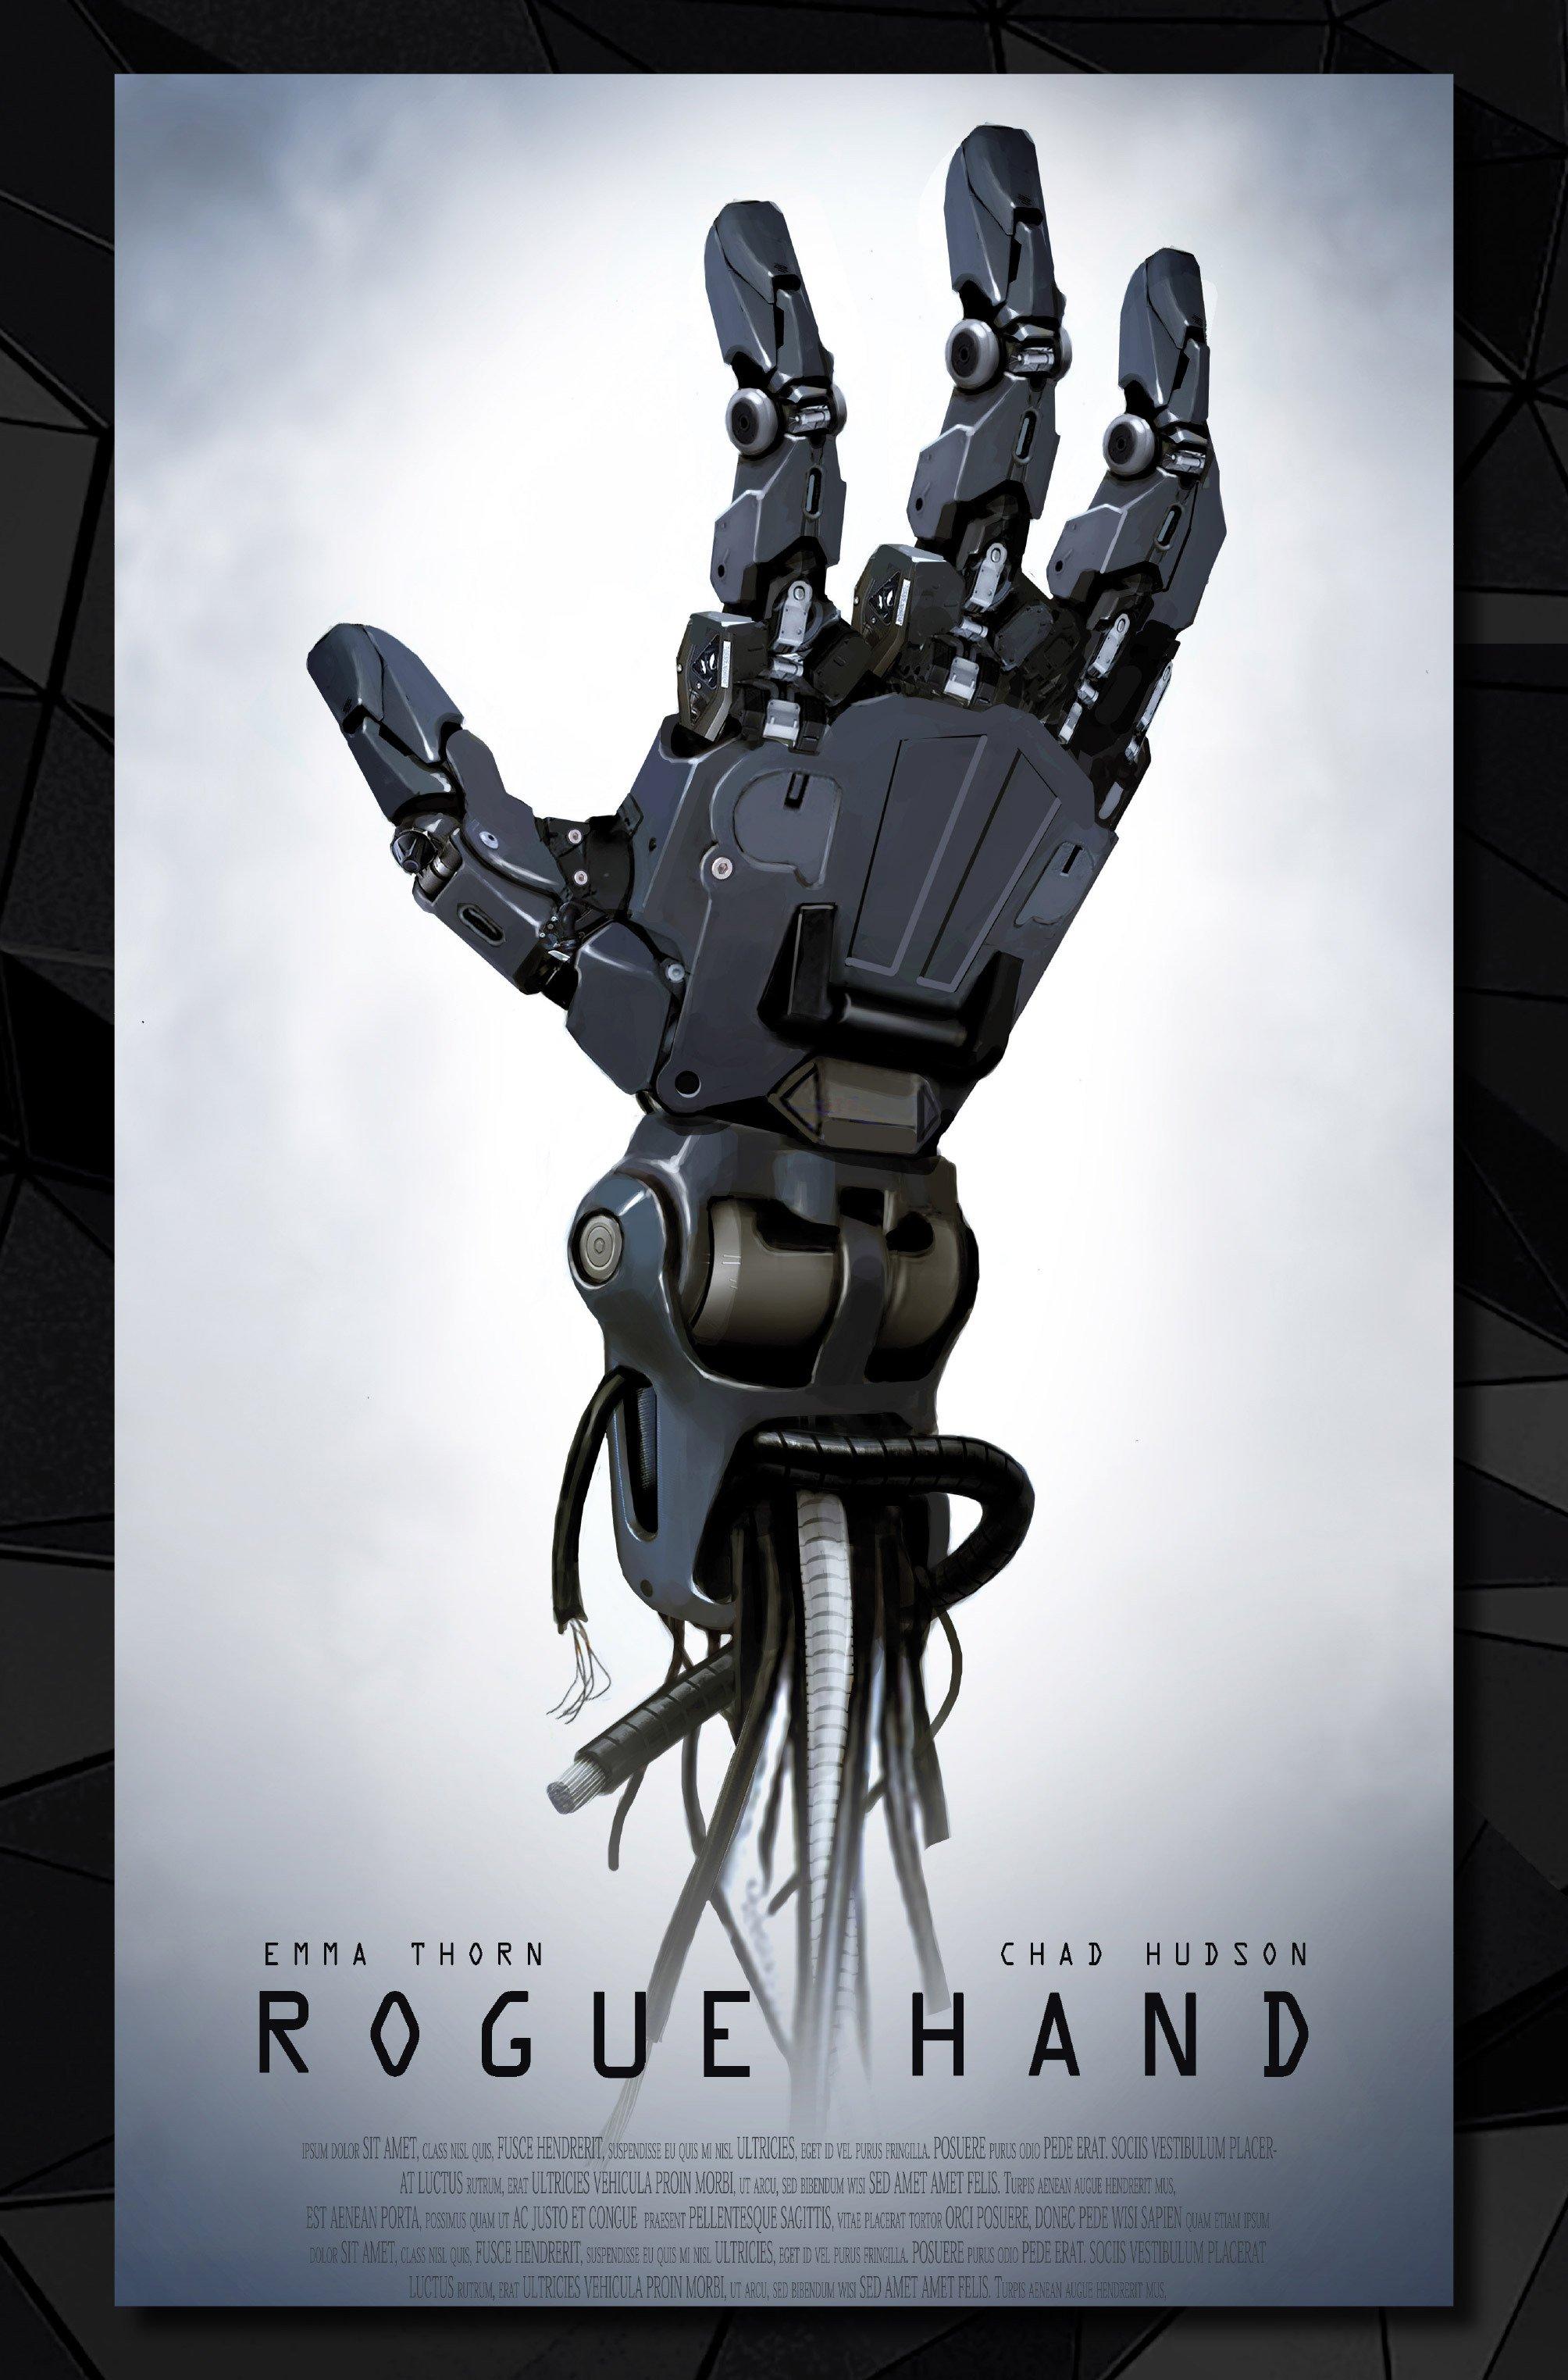 Агитплакаты Deus Ex, которые можно найти в комикс-серии Deus Ex Universe - Children's Crusade. - Изображение 9